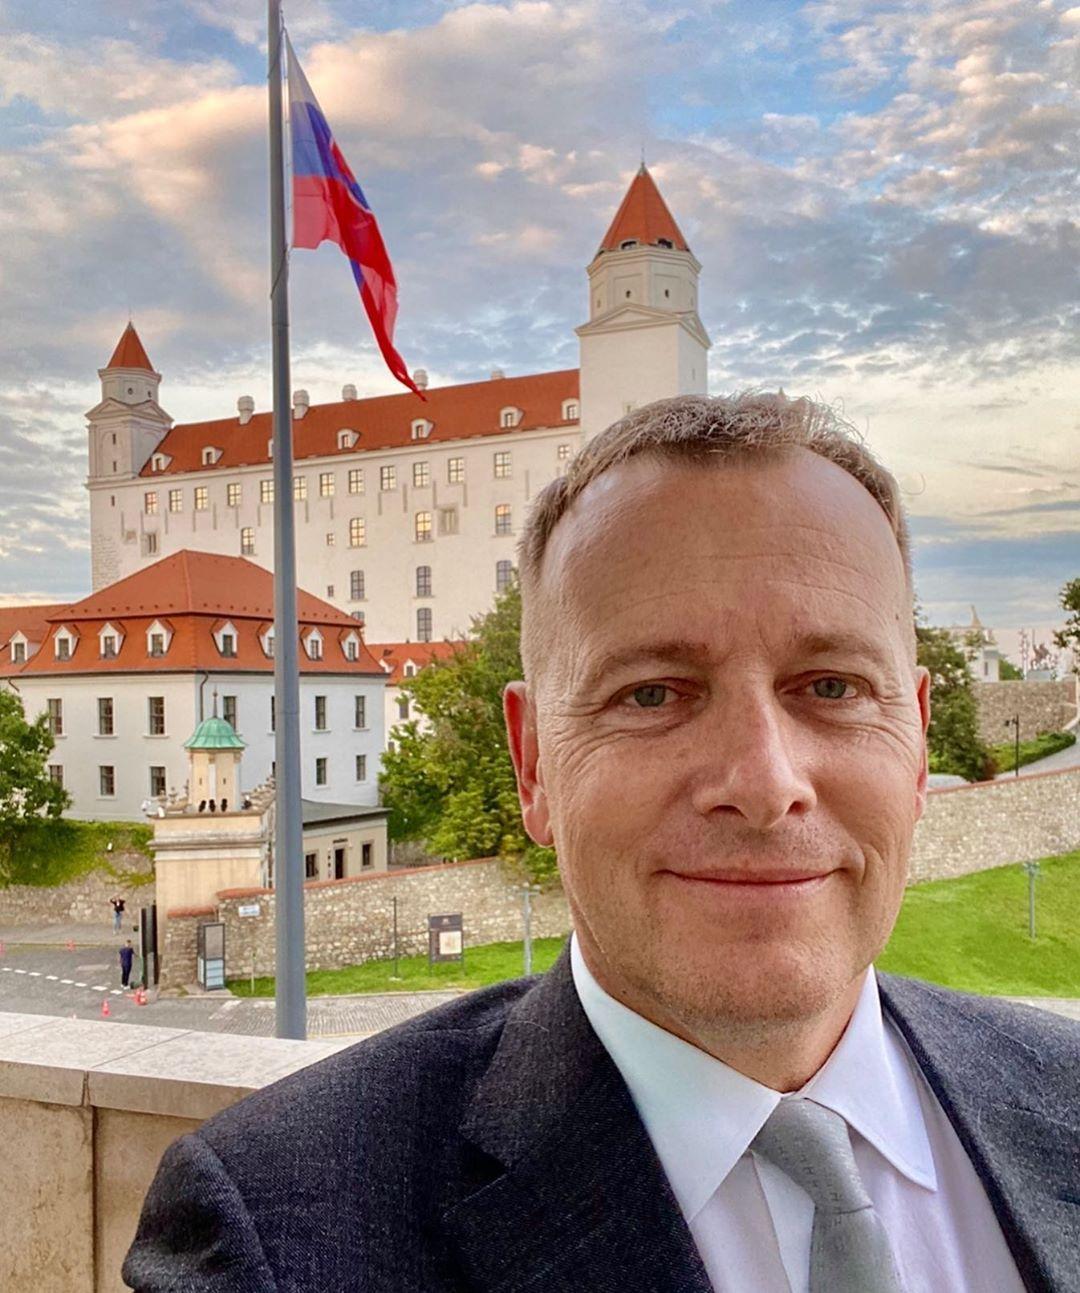 Mal kontakty s mafiánmi aj rozhlasovú reláciu o sexe, kde vystupoval ako odborný asistent Chlipnička. Kto je Boris Kollár?